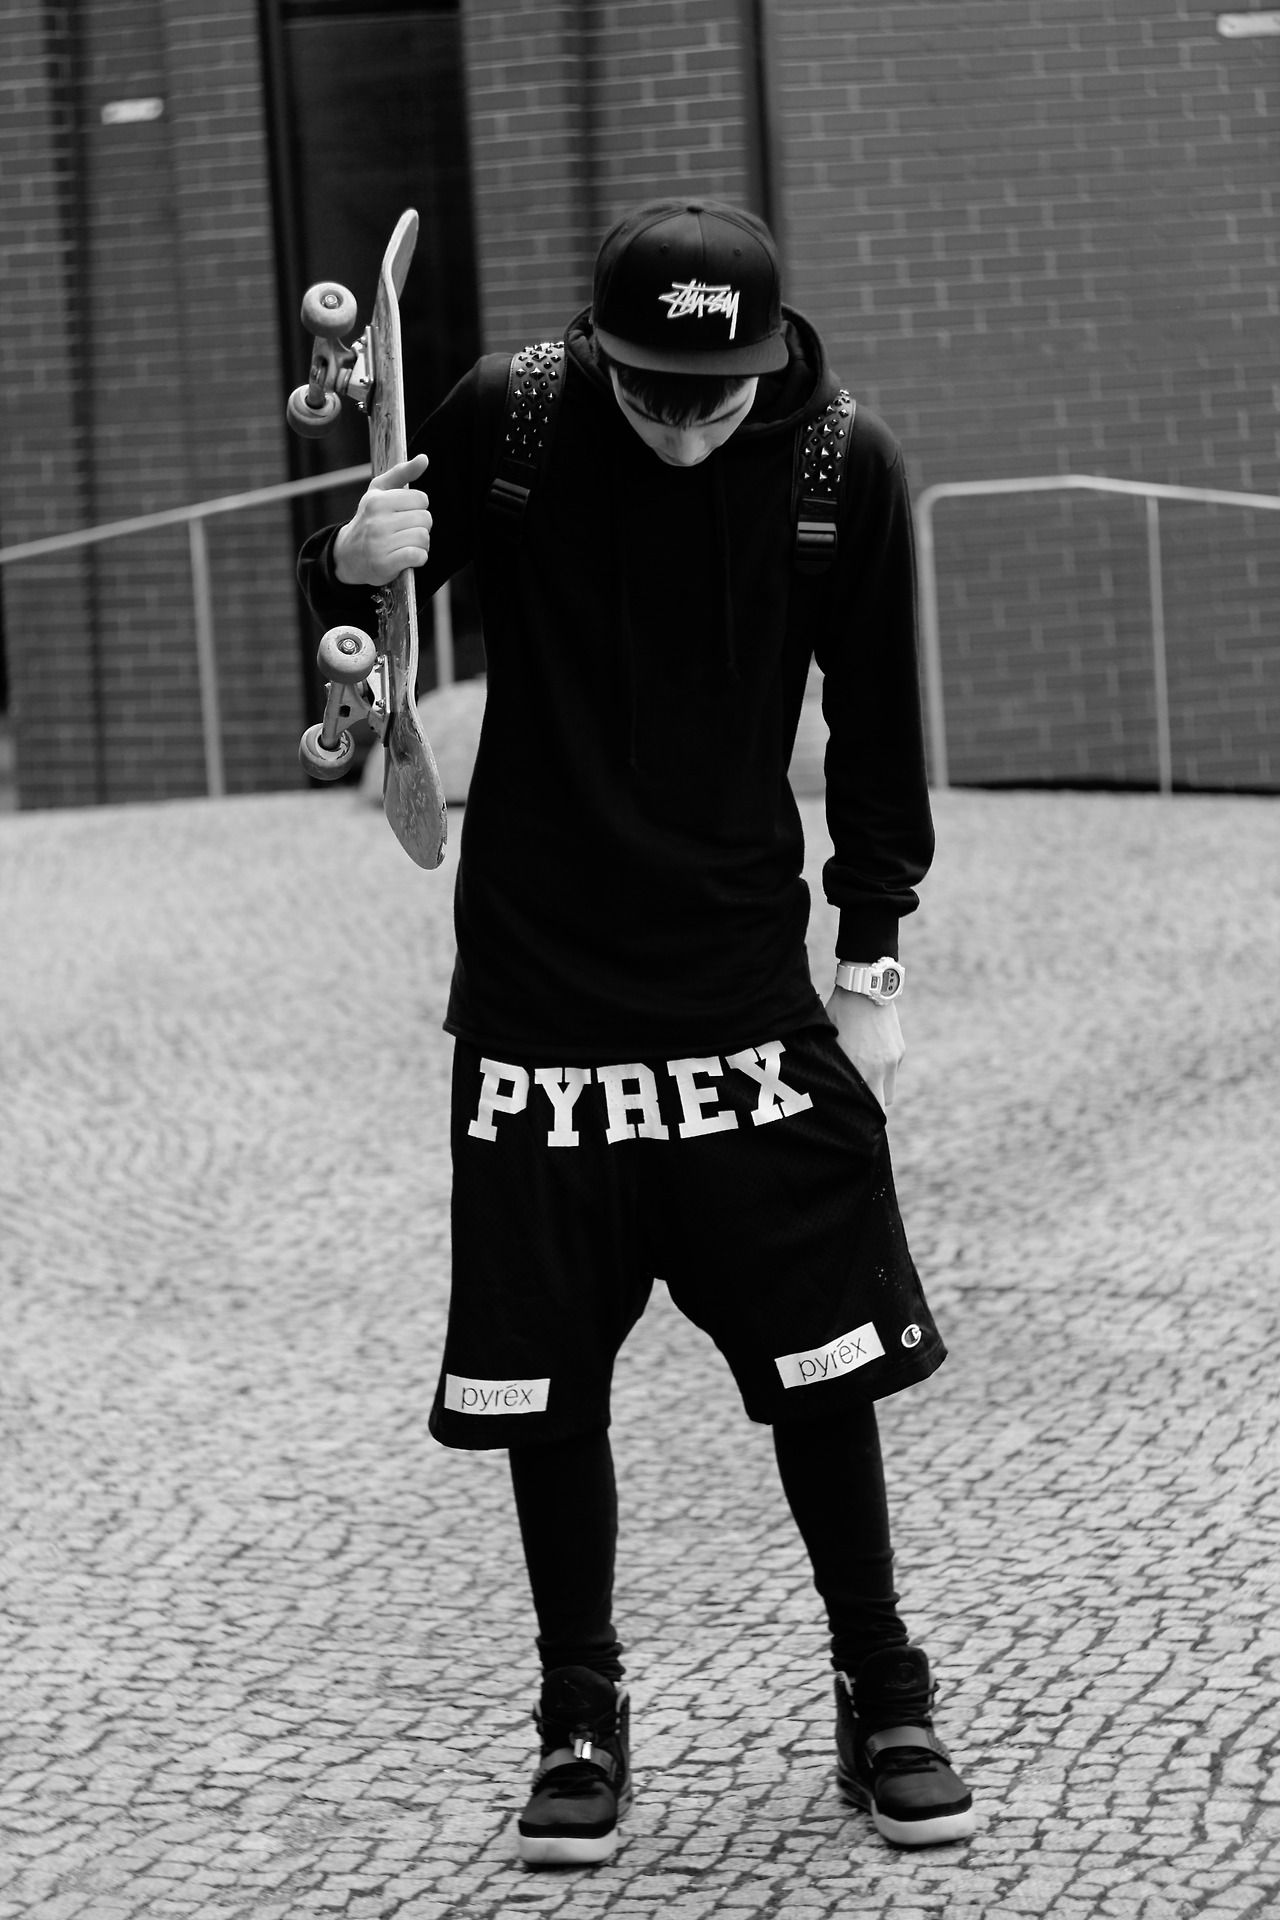 15ddf9f11b6 cr. maxelinho.tumblr.com Pyrex Clothing